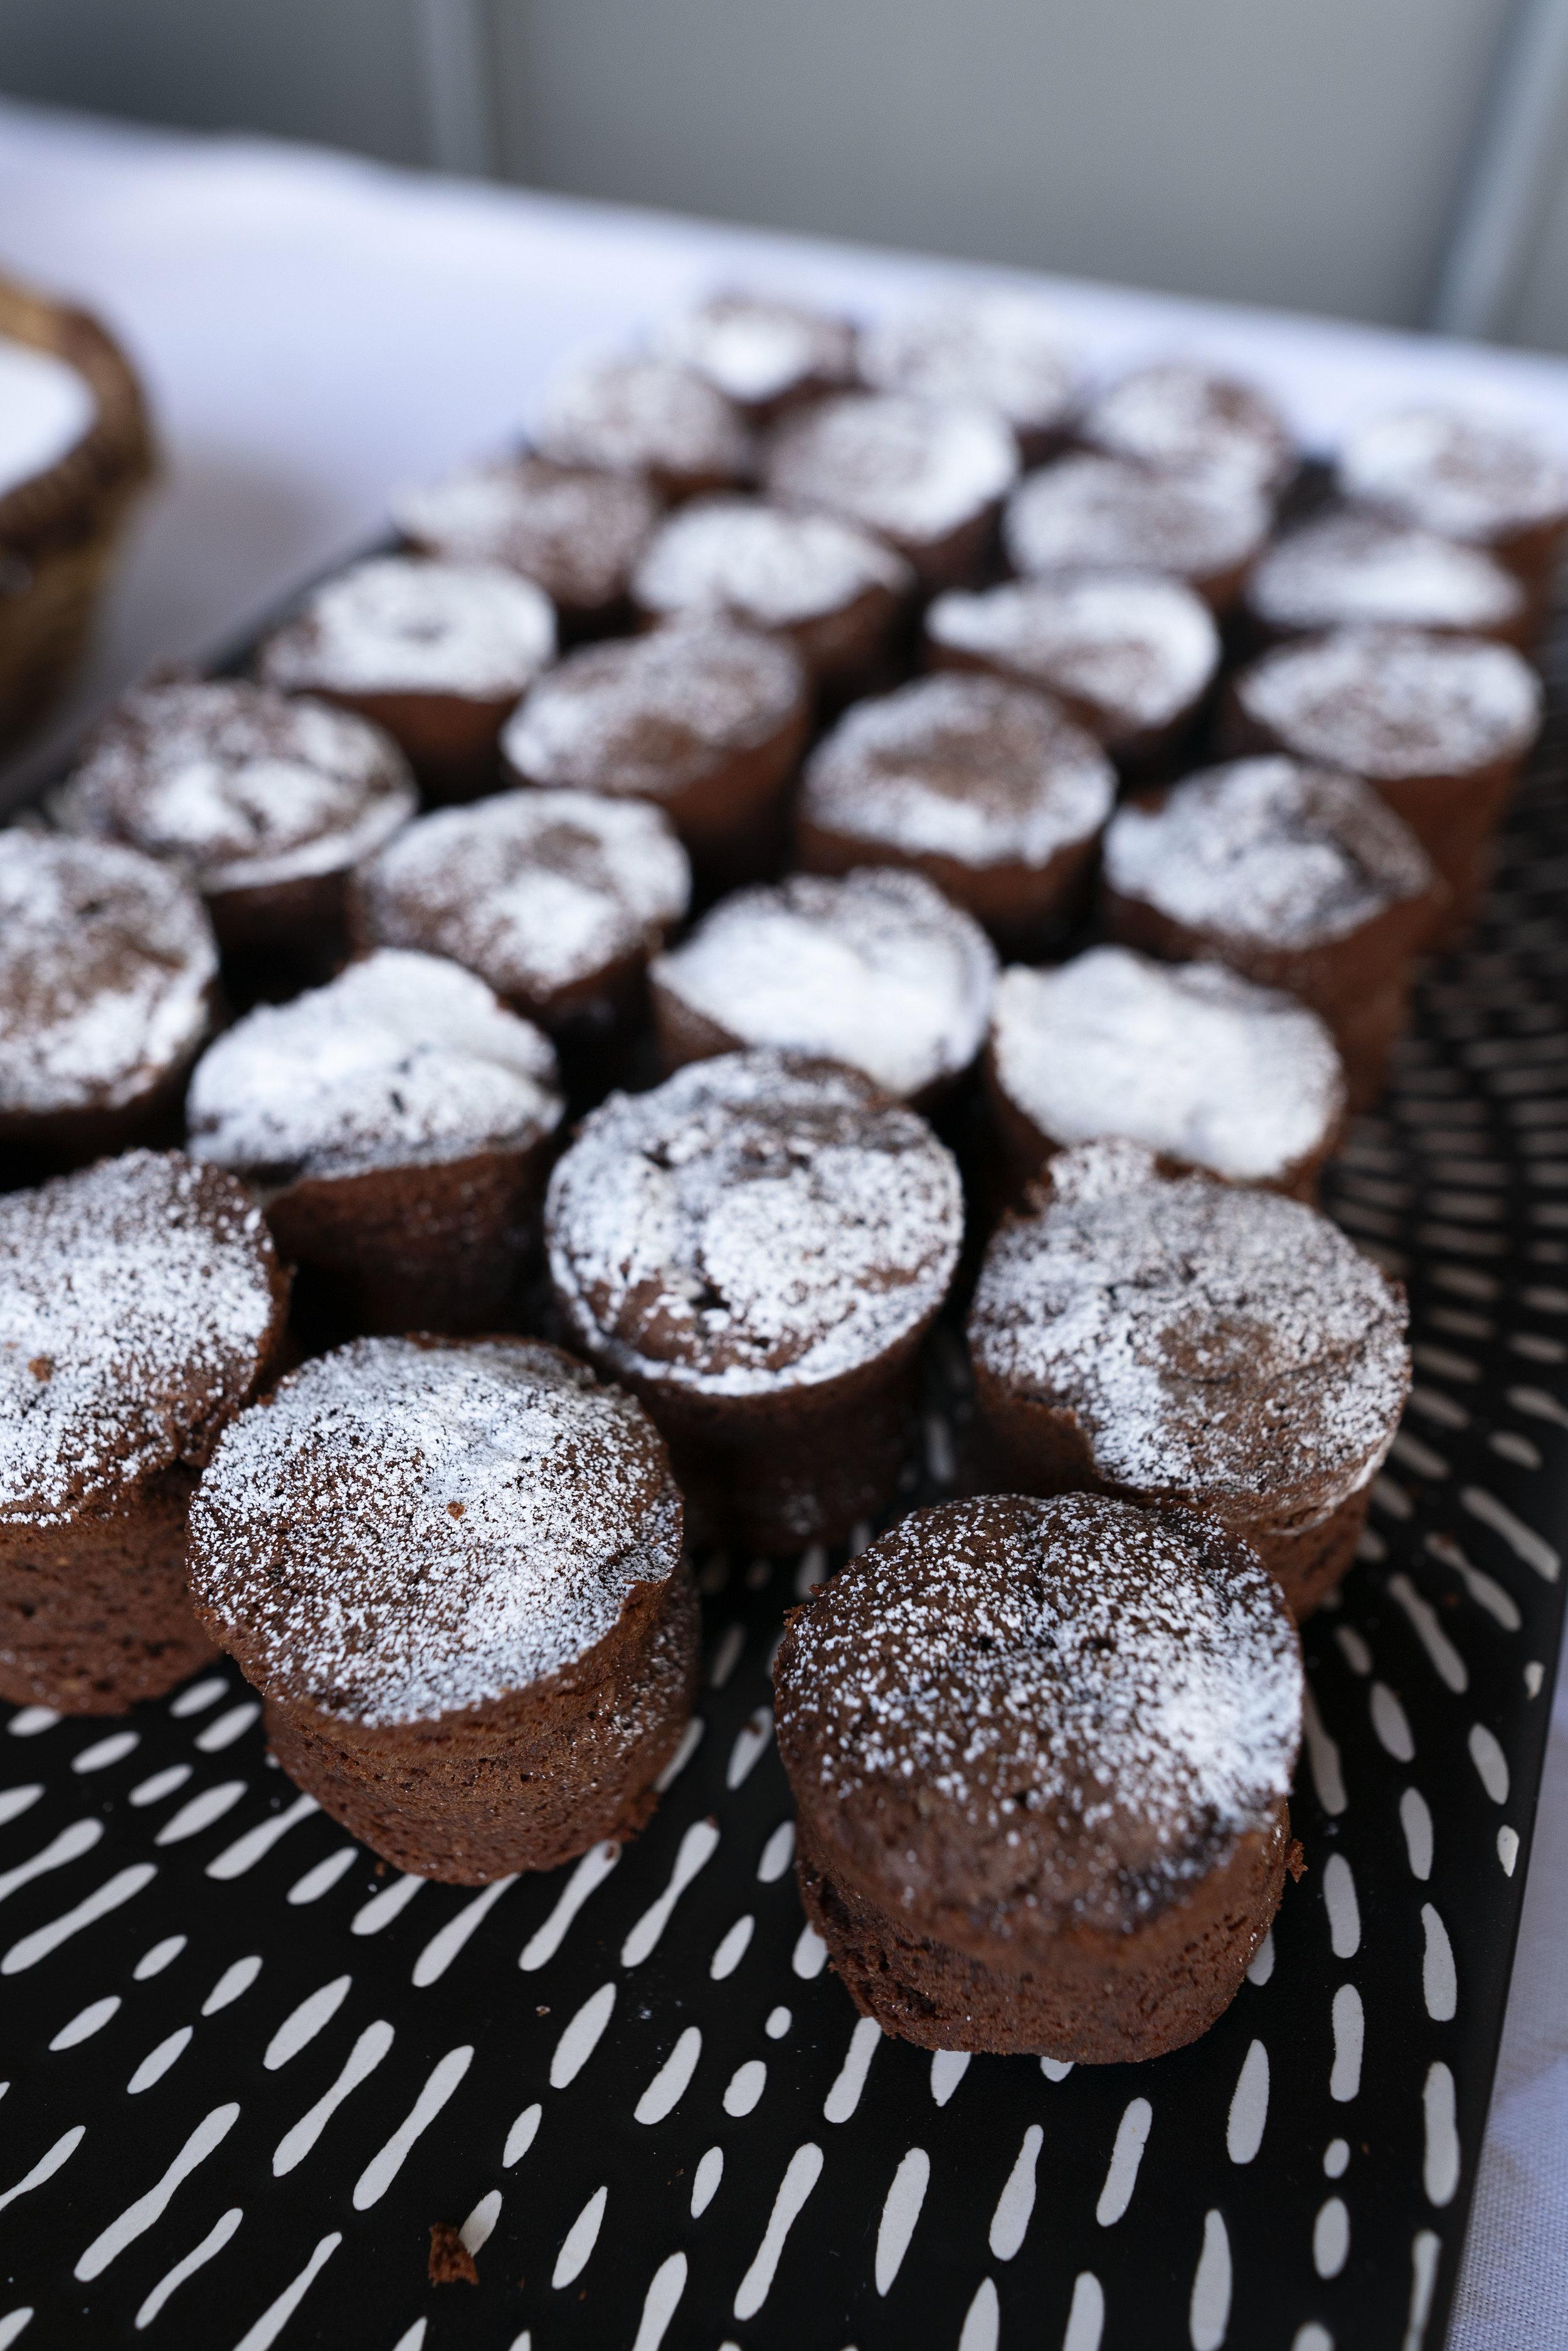 chocolate cakes_2.jpg